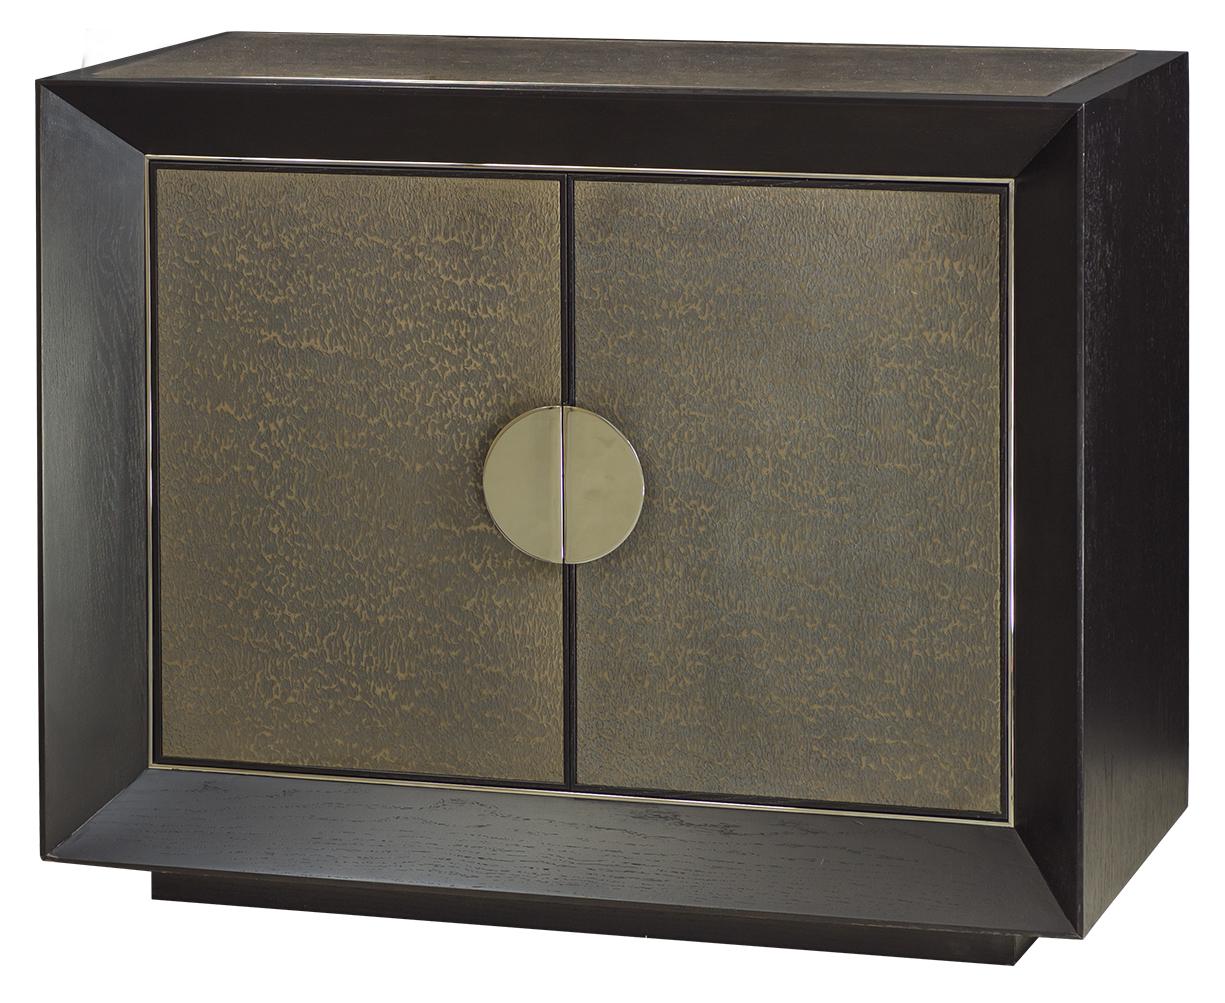 Credenza Dark Brown : Kensington two door credenza credenzas furniture decorus